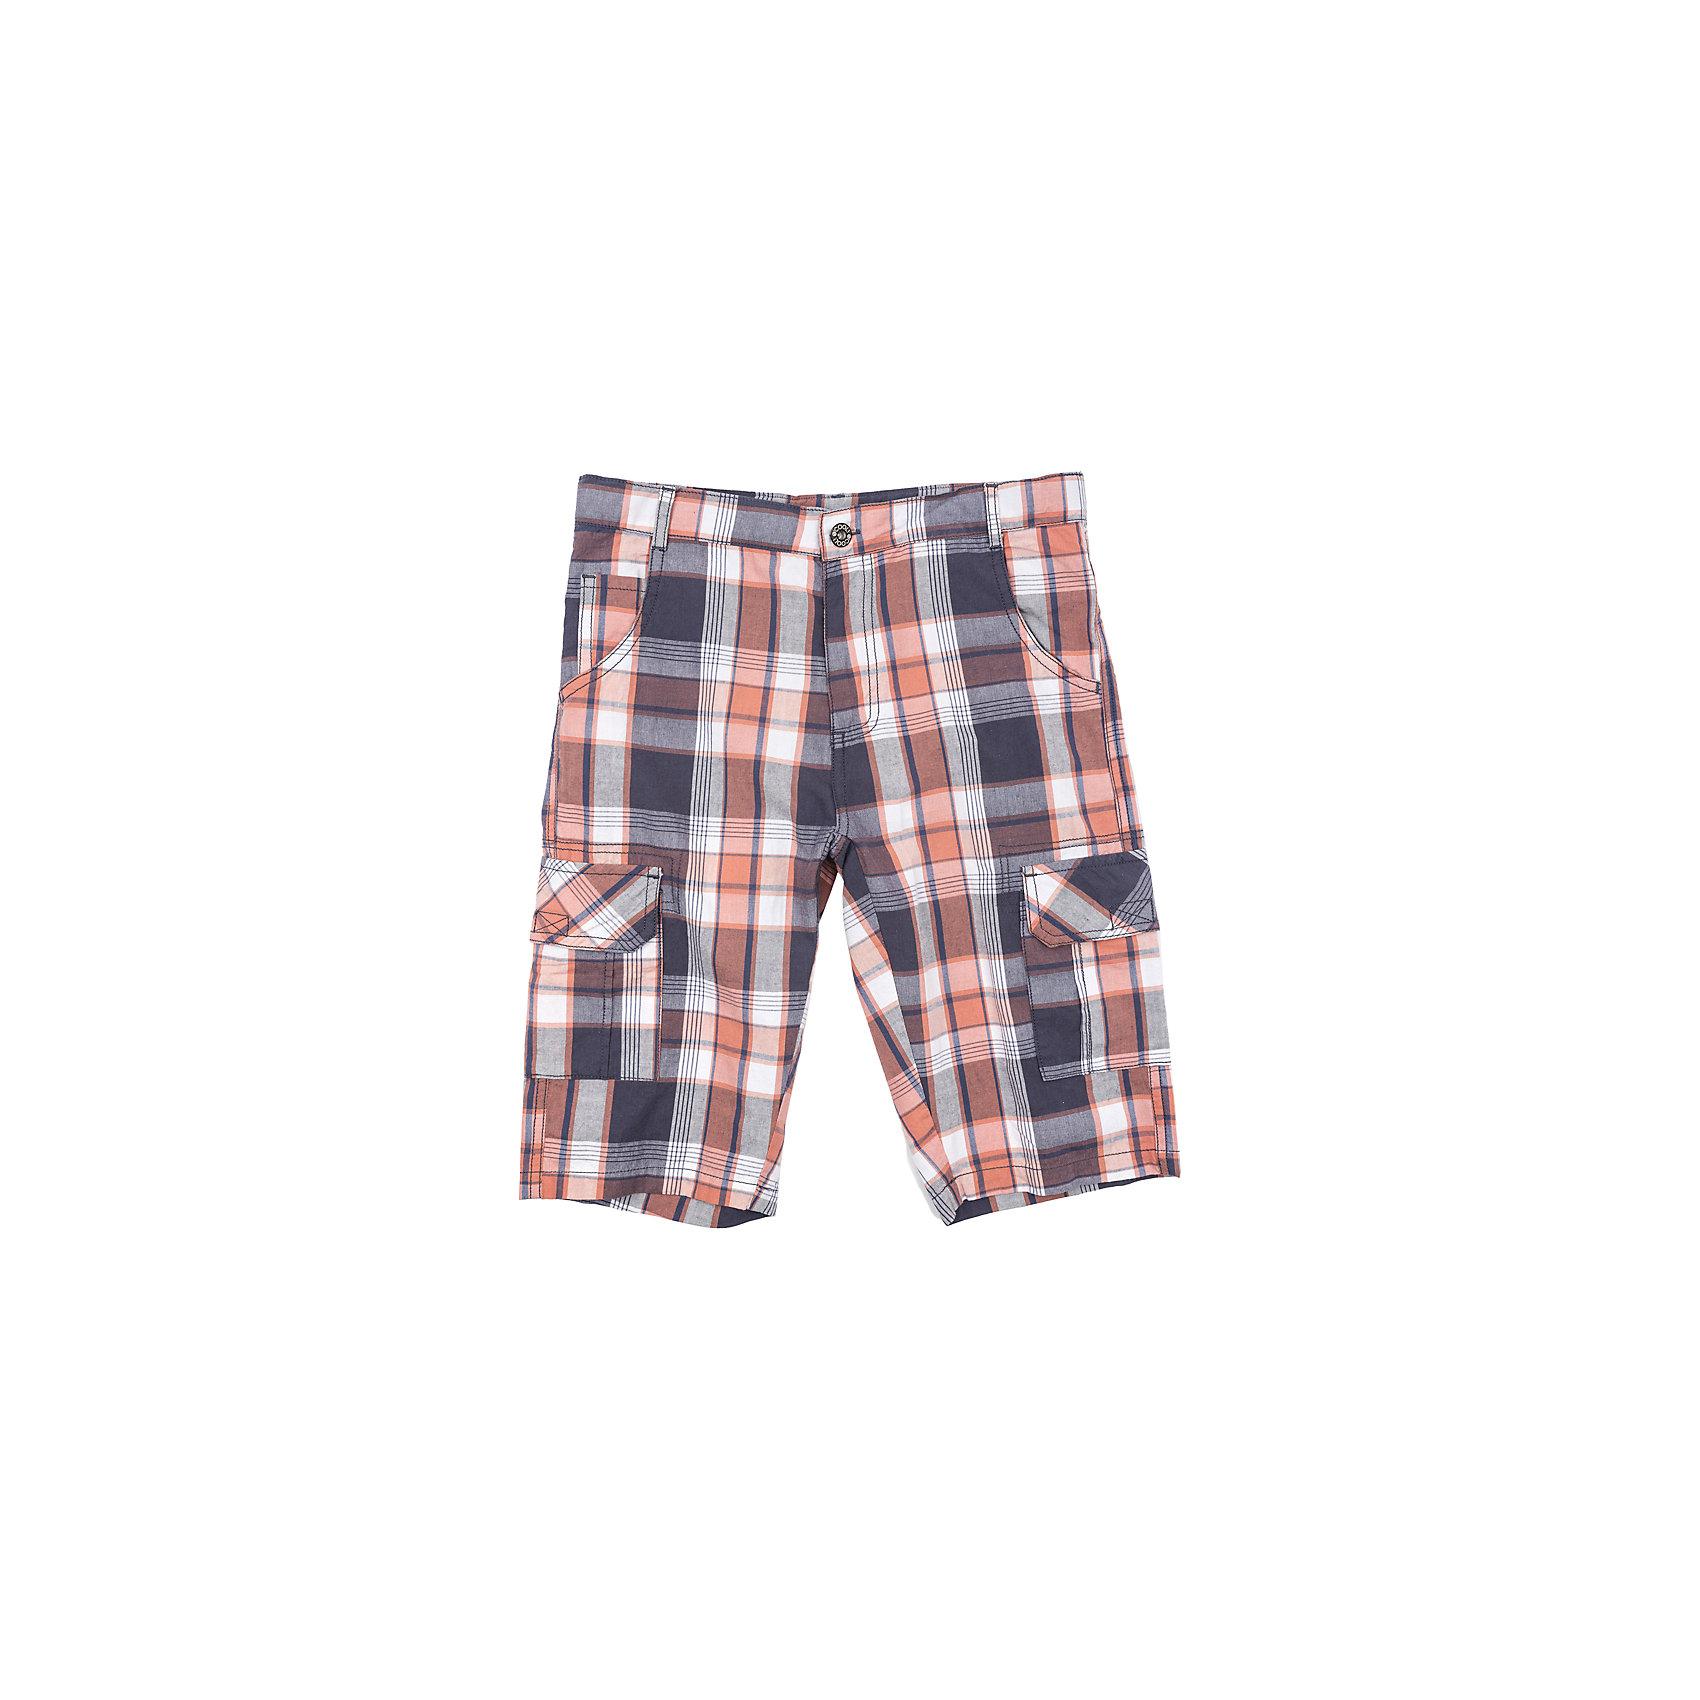 Бриджи для мальчика ScoolБриджи для мальчика Scool<br>Бриджи из натуральной хлопковой ткани прекрасно подойдут Вашему ребенку для отдыха и прогулок. Модель со шлевками для ремня. Декорированы удобными накладными карманами.<br>Состав:<br>100% хлопок<br><br>Ширина мм: 191<br>Глубина мм: 10<br>Высота мм: 175<br>Вес г: 273<br>Цвет: разноцветный<br>Возраст от месяцев: 120<br>Возраст до месяцев: 132<br>Пол: Мужской<br>Возраст: Детский<br>Размер: 146,152,158,164,134,140<br>SKU: 5406693